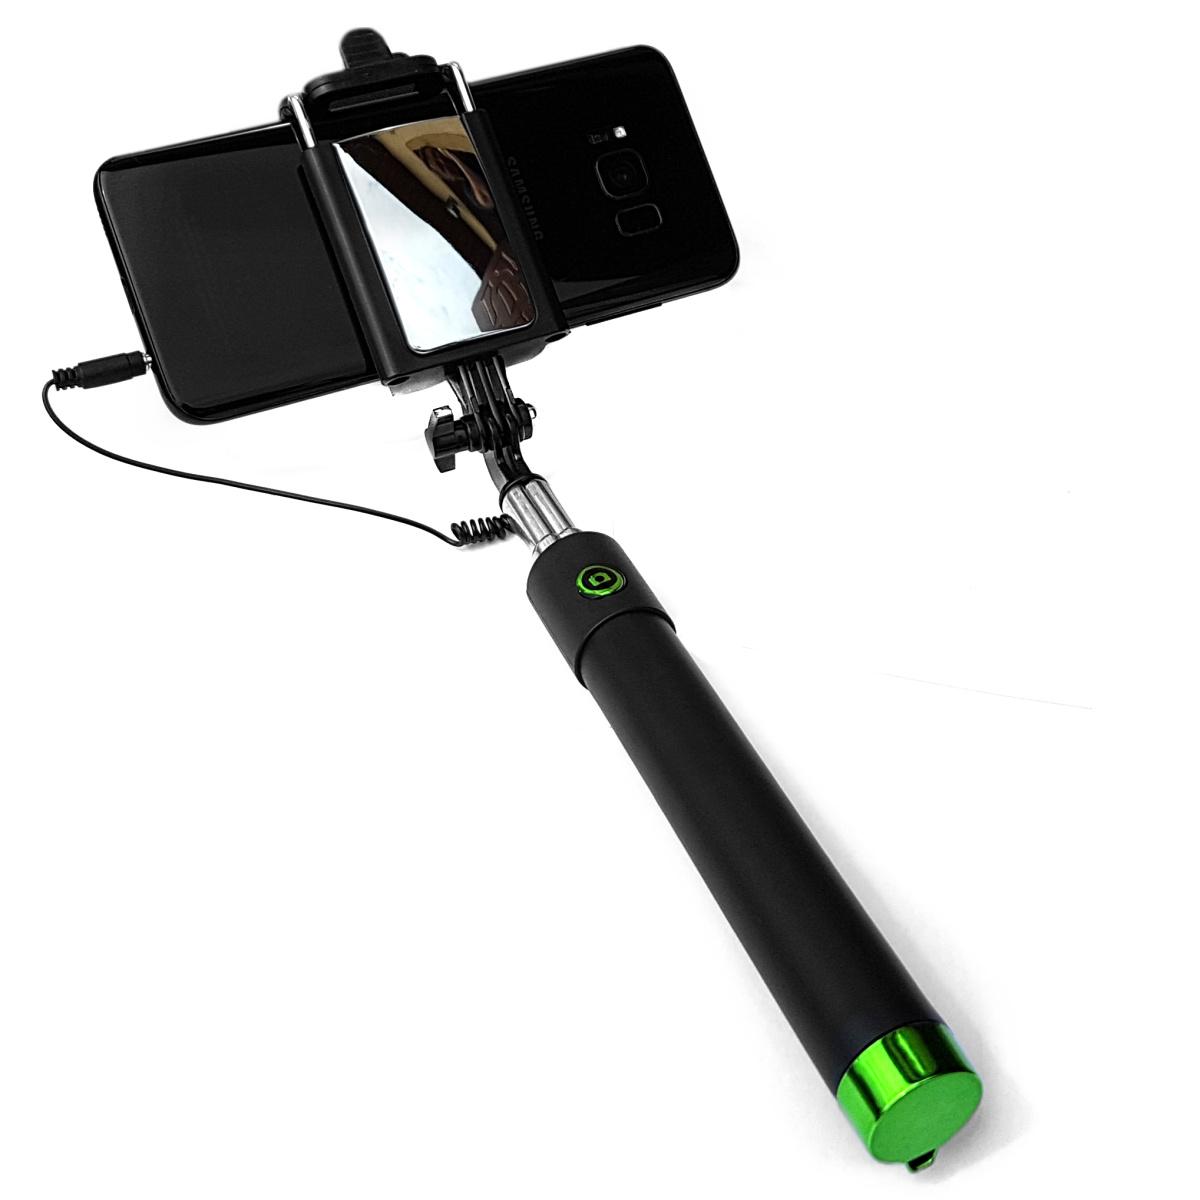 Kijek Selfiestick Monopod Telefunken Foxtrot 2